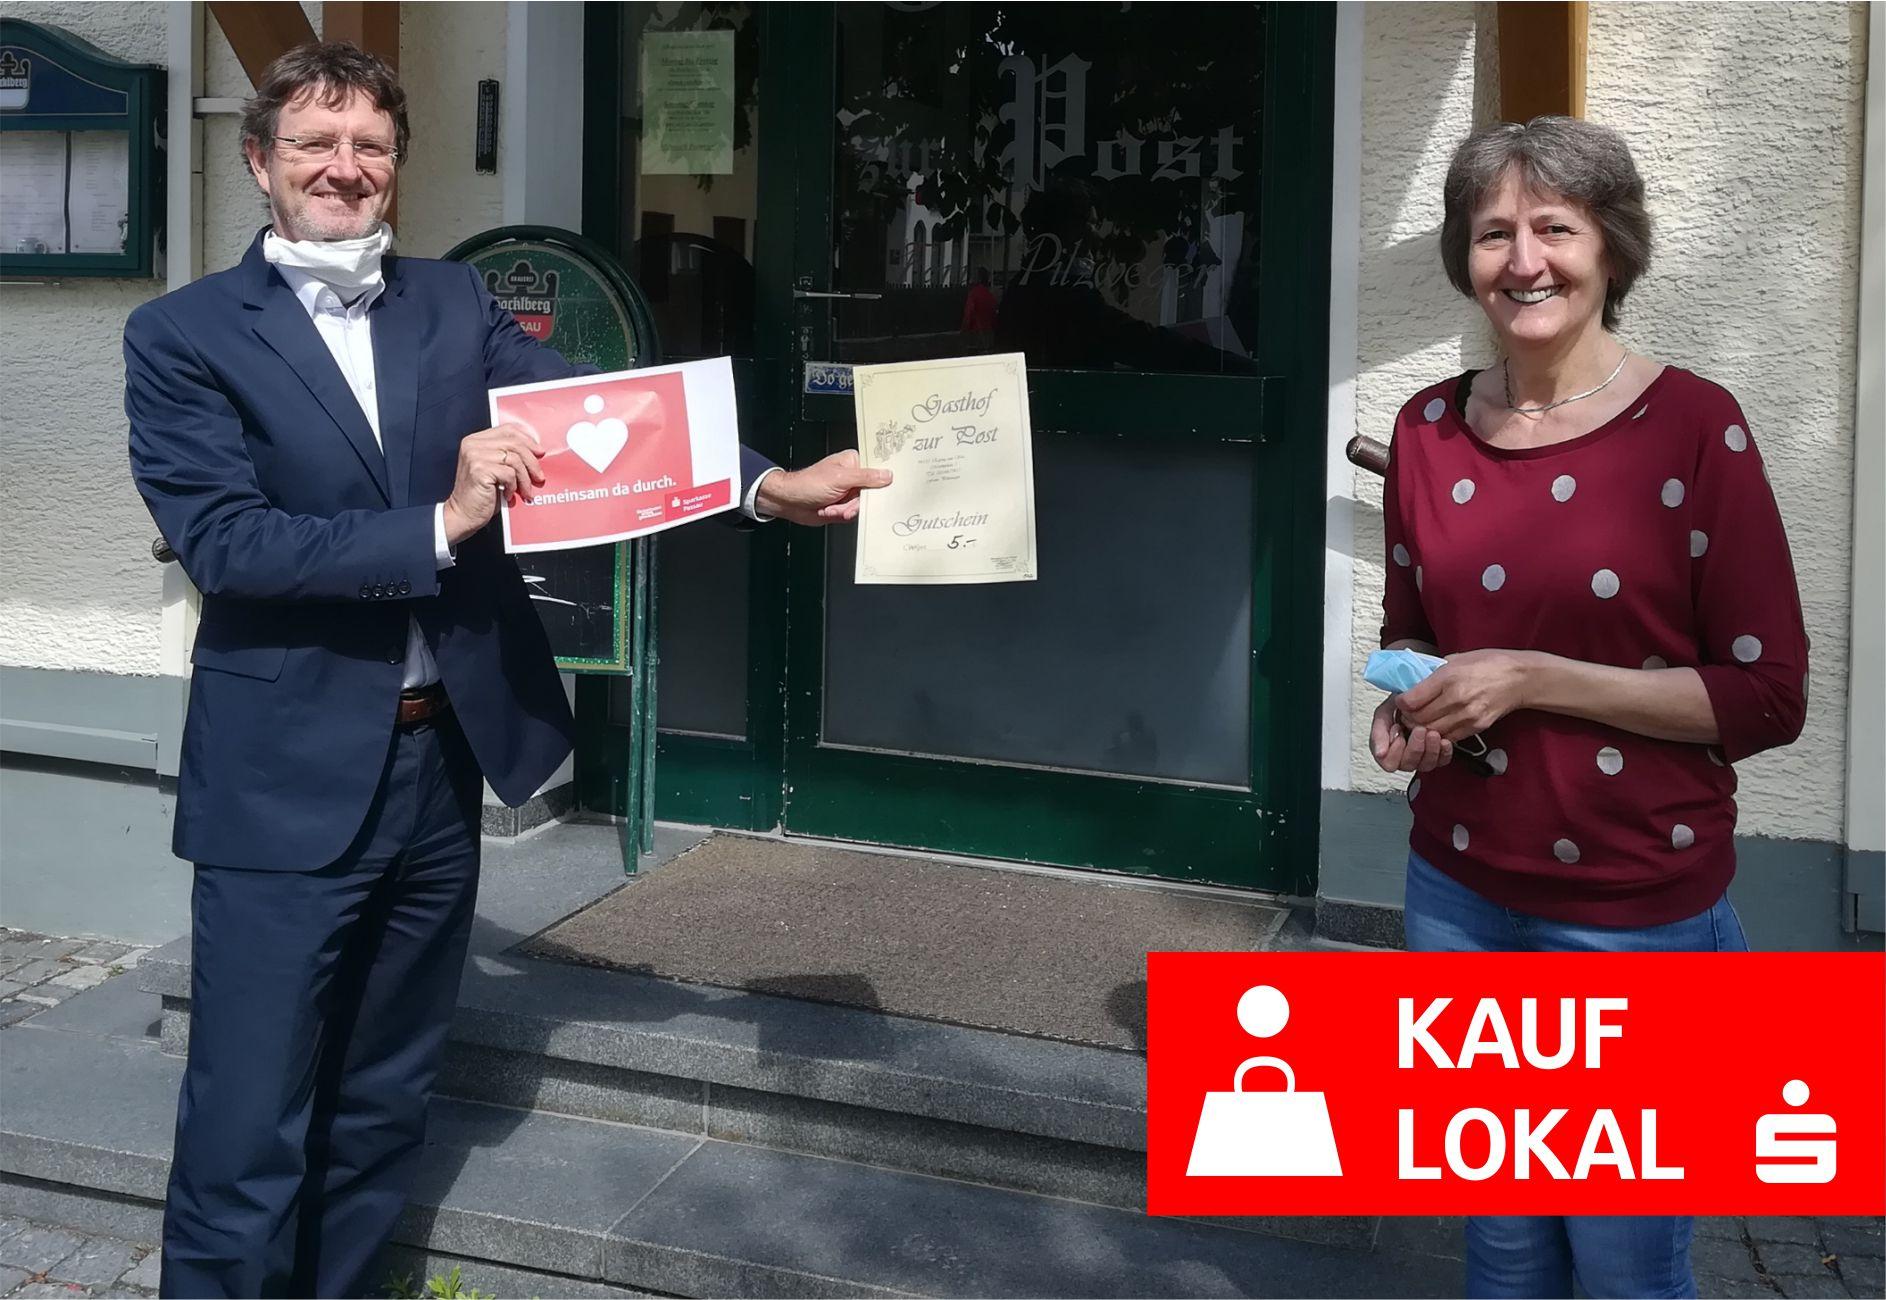 Gasthof-zur-Post-GS-Eging_Kauf-lokal